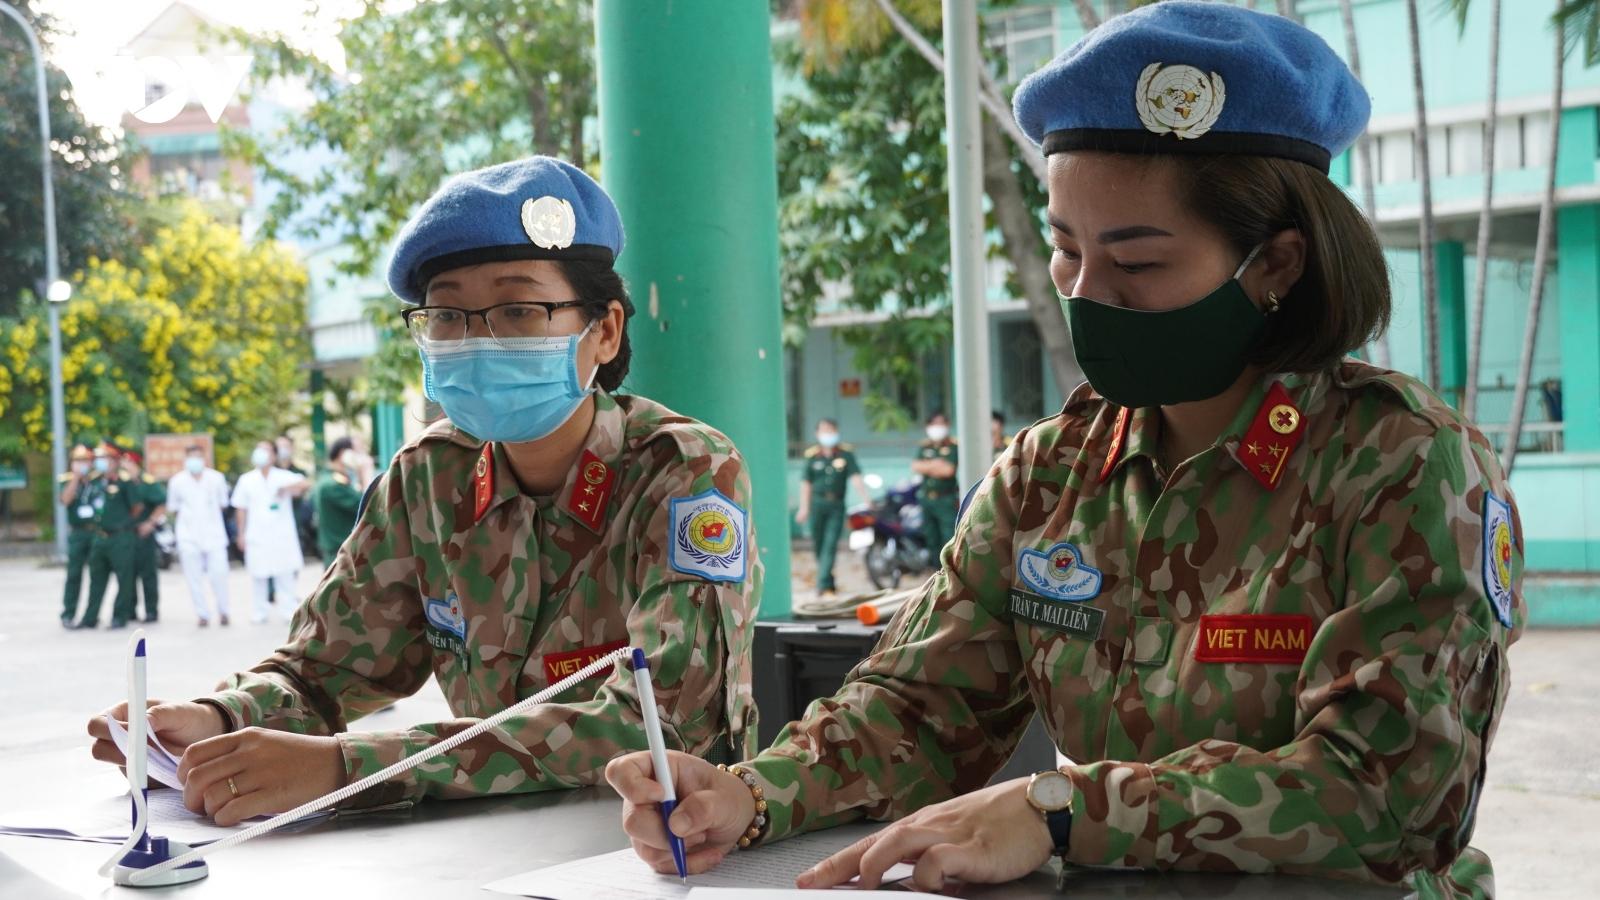 Tiêm vaccine Covid-19 cho các quân nhân chuẩn bị nhận nhiệm vụ tại Nam Sudan